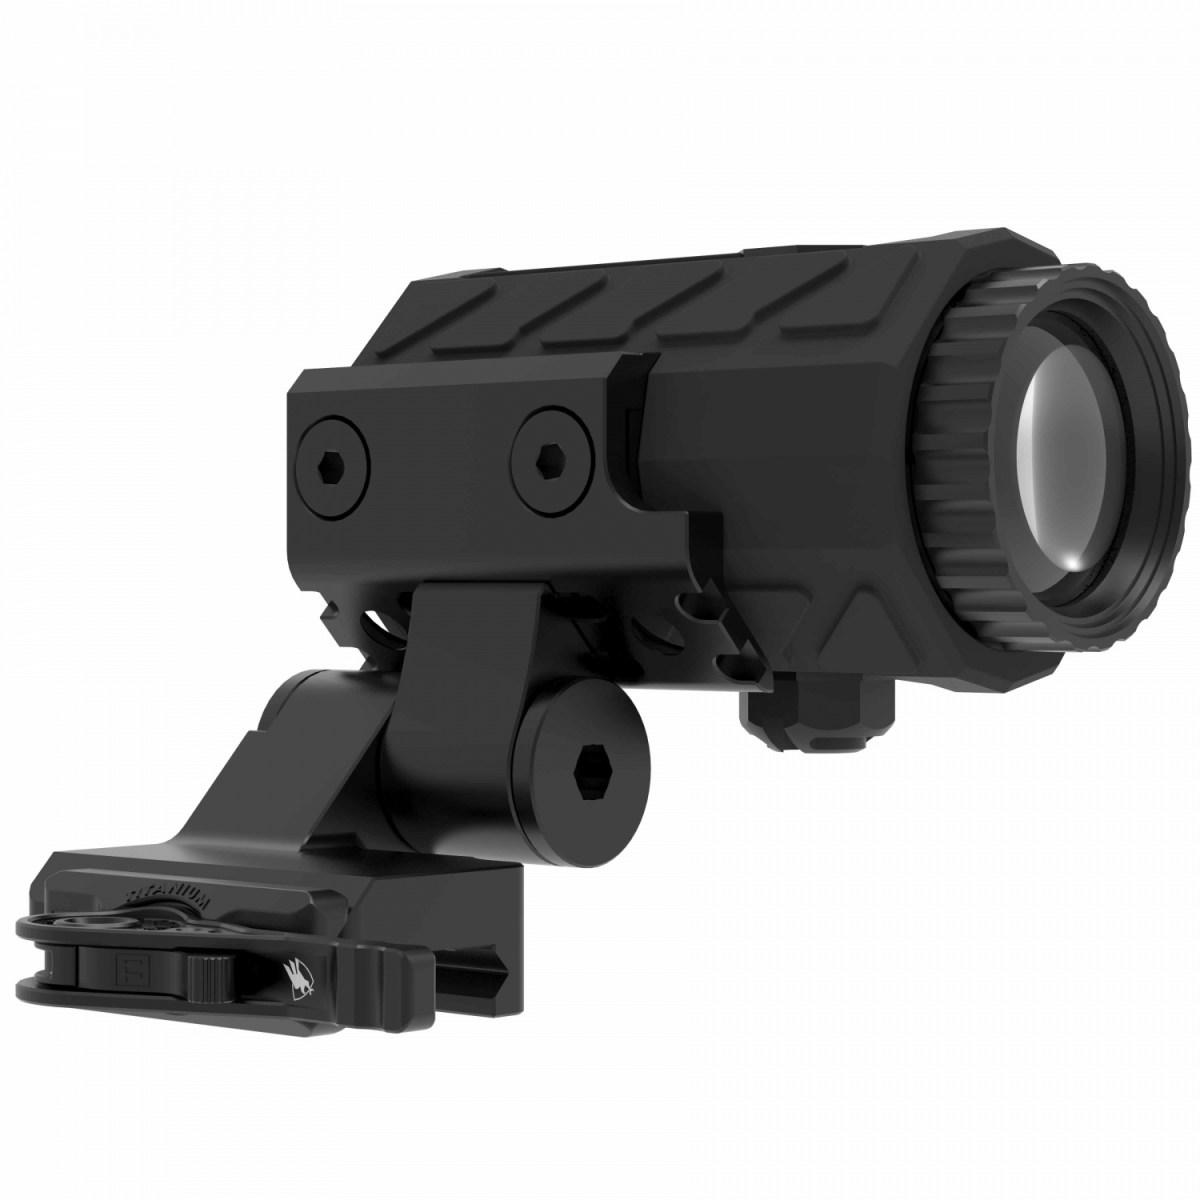 magnifier-3x-up.jpg